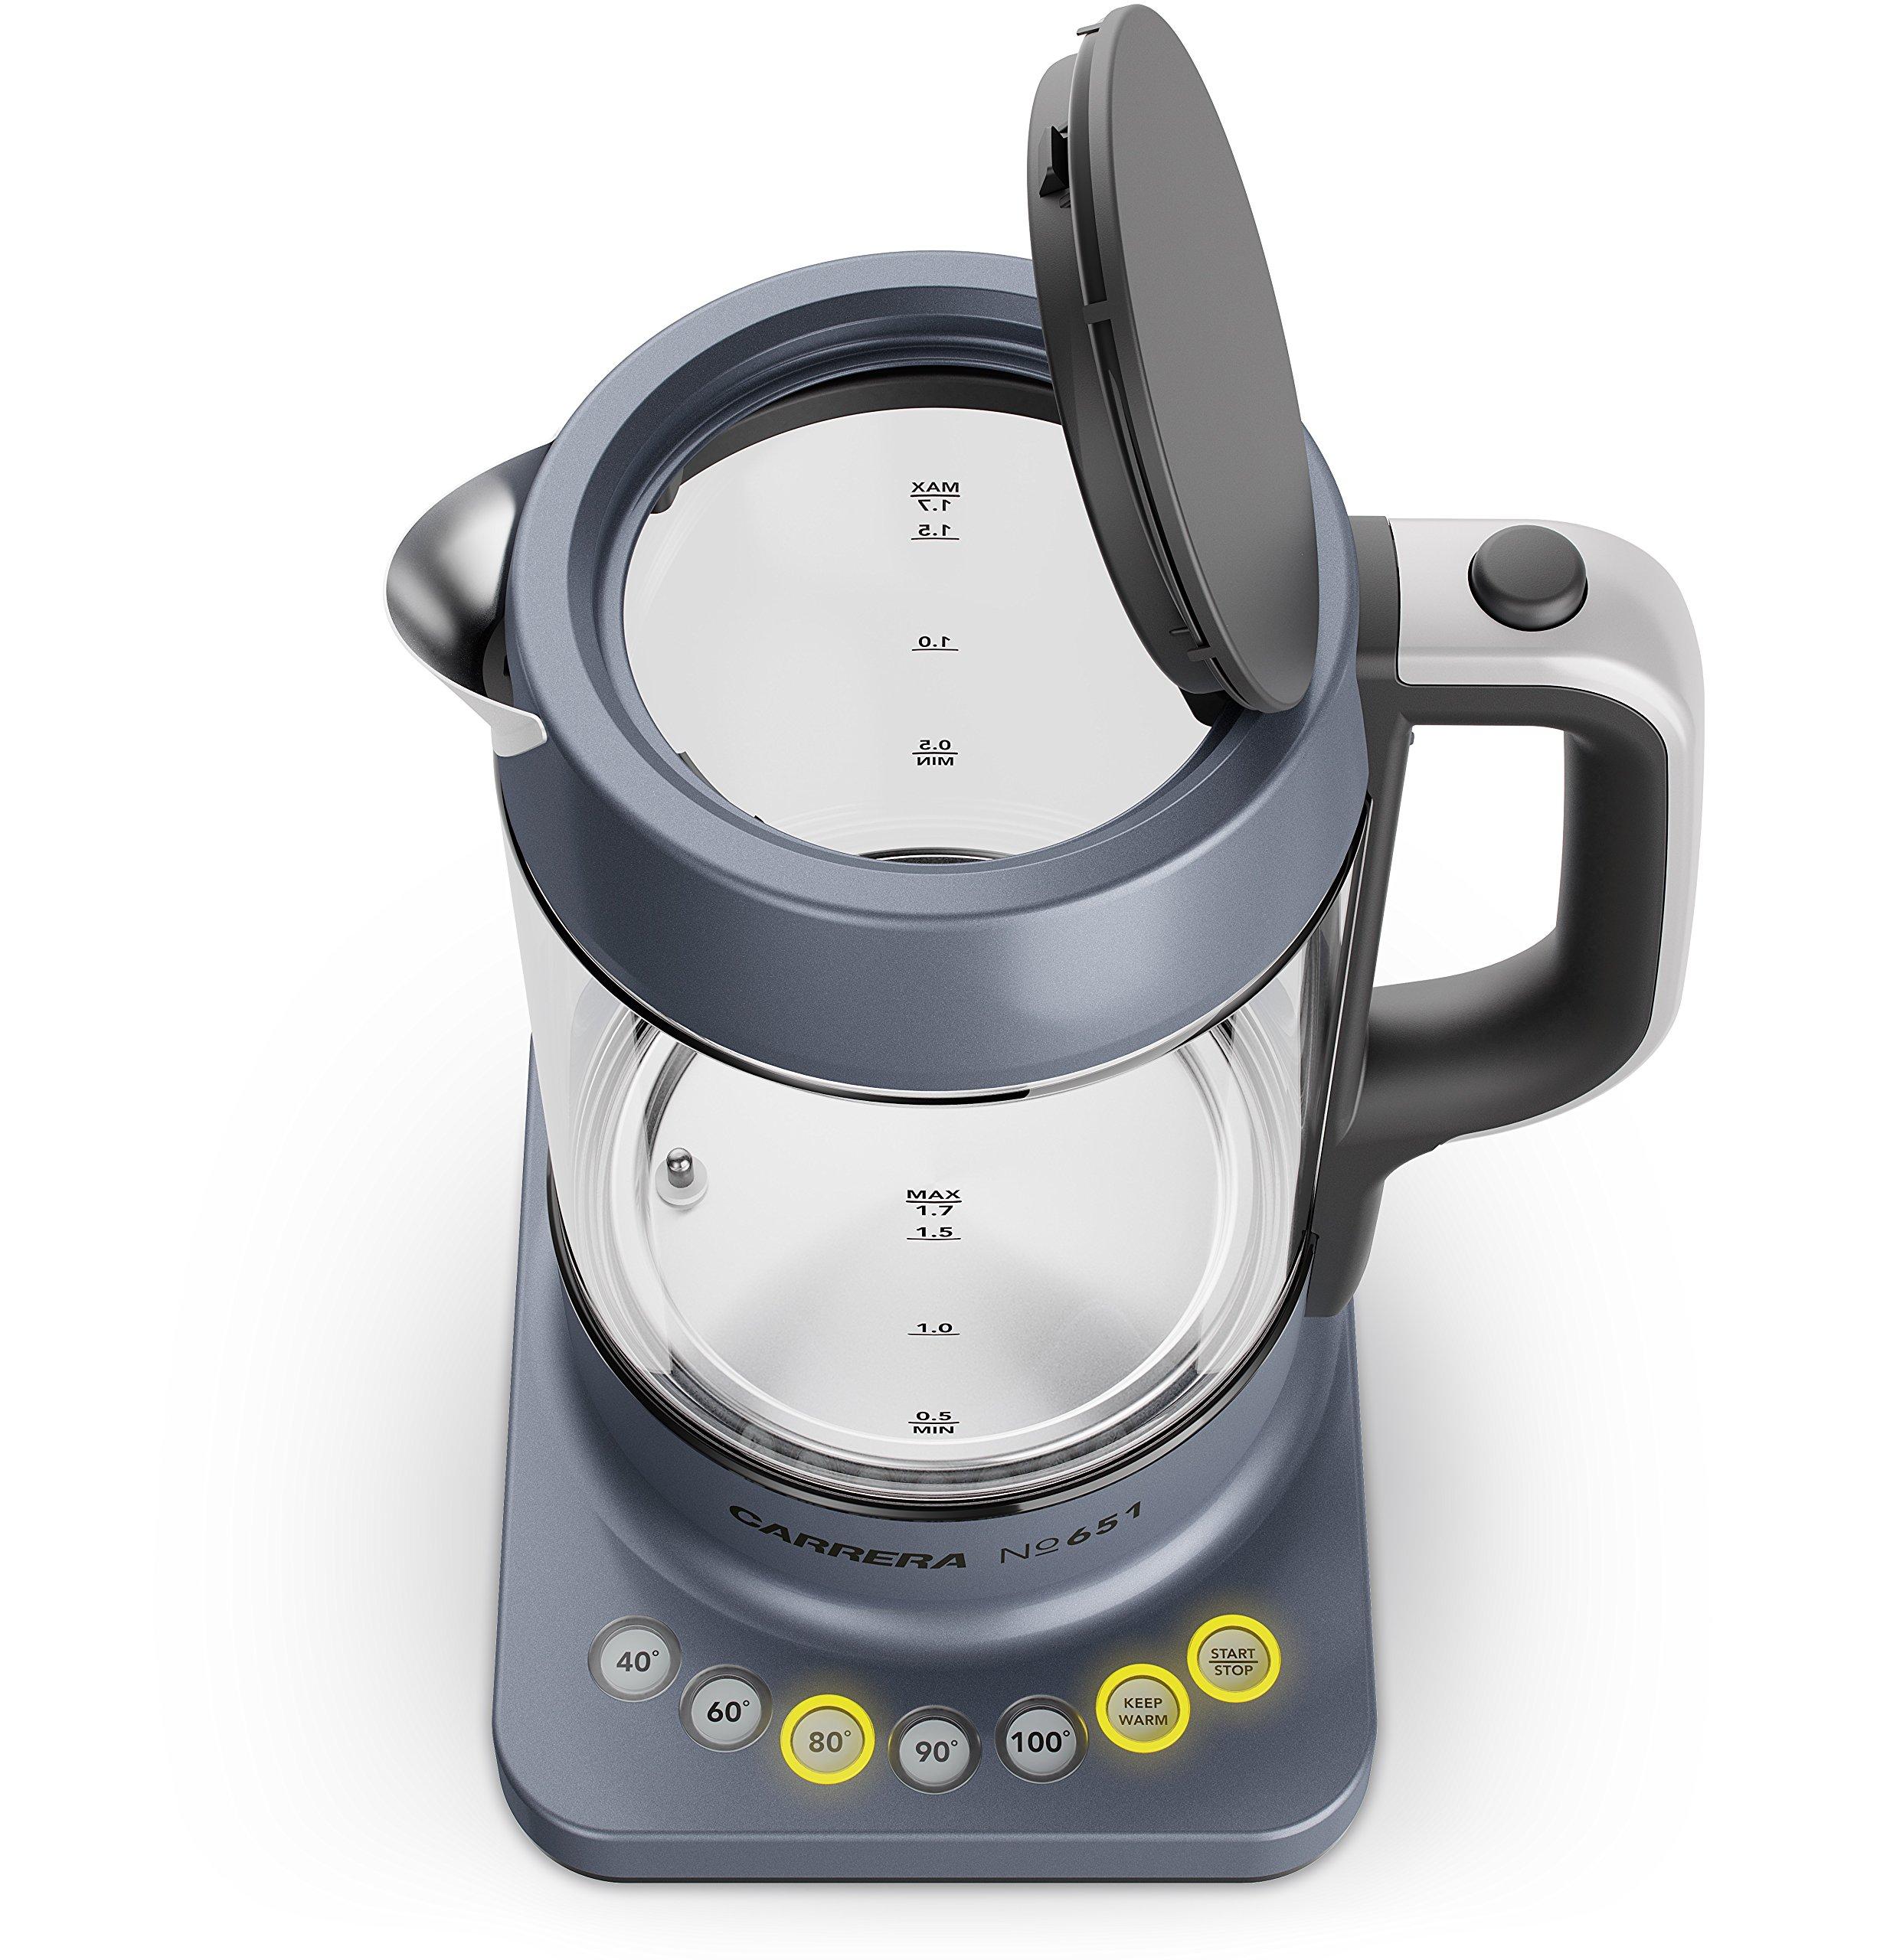 CARRERA-Glas-Wasserkocher-No-651-mit-Temperatureinstellung-und-Warmhaltefunktion-BPA-frei-fr-Tee-und-Babynahrung